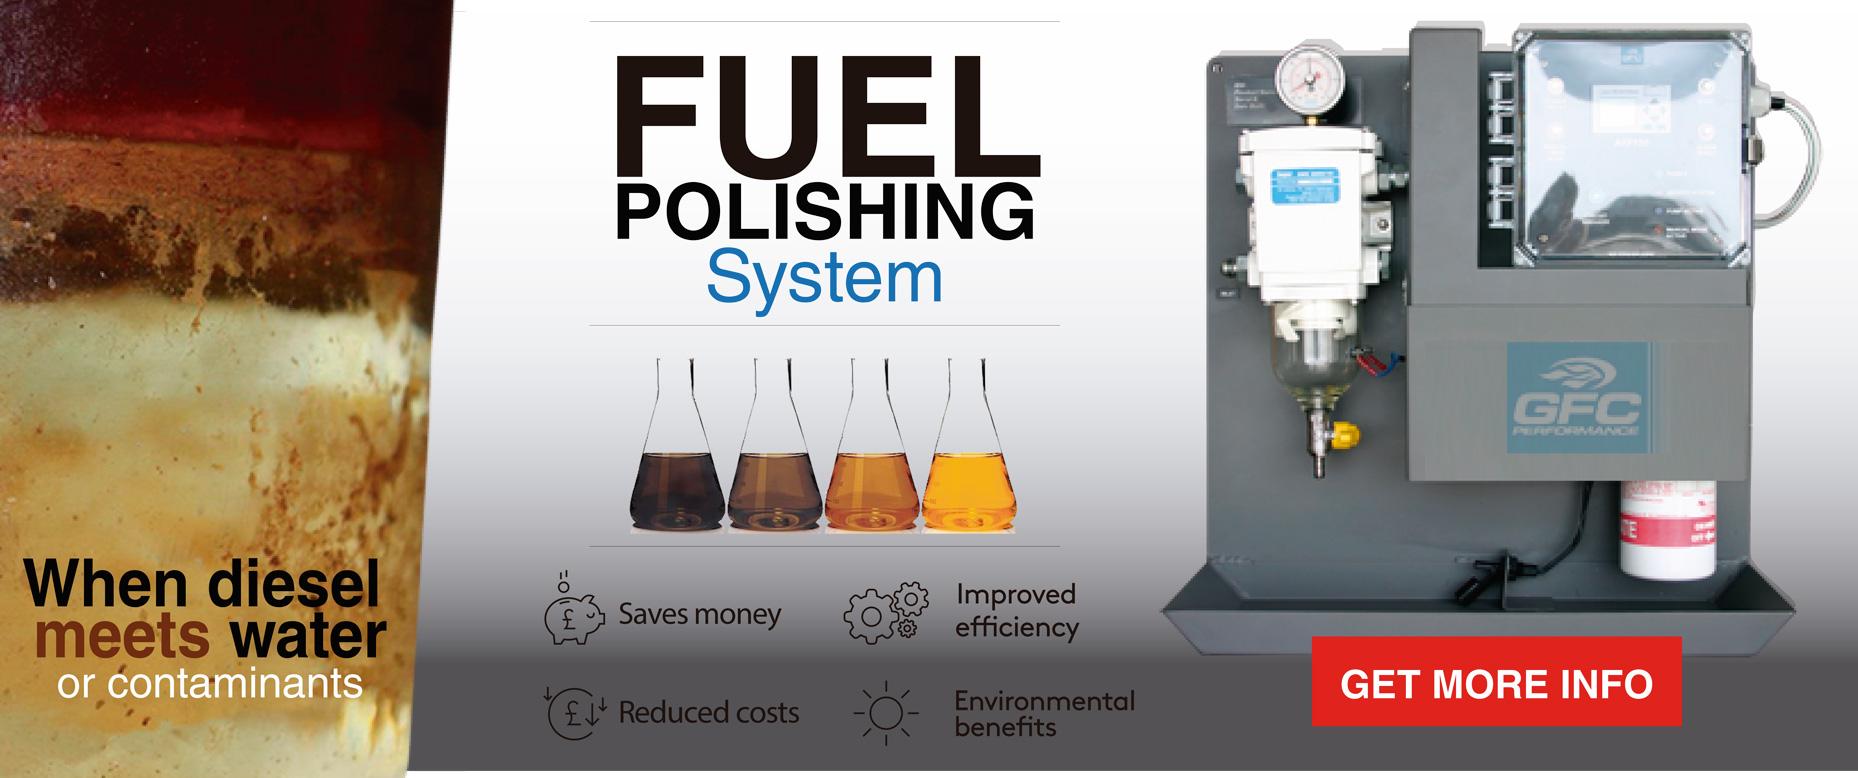 Fuel Polishing System GFC